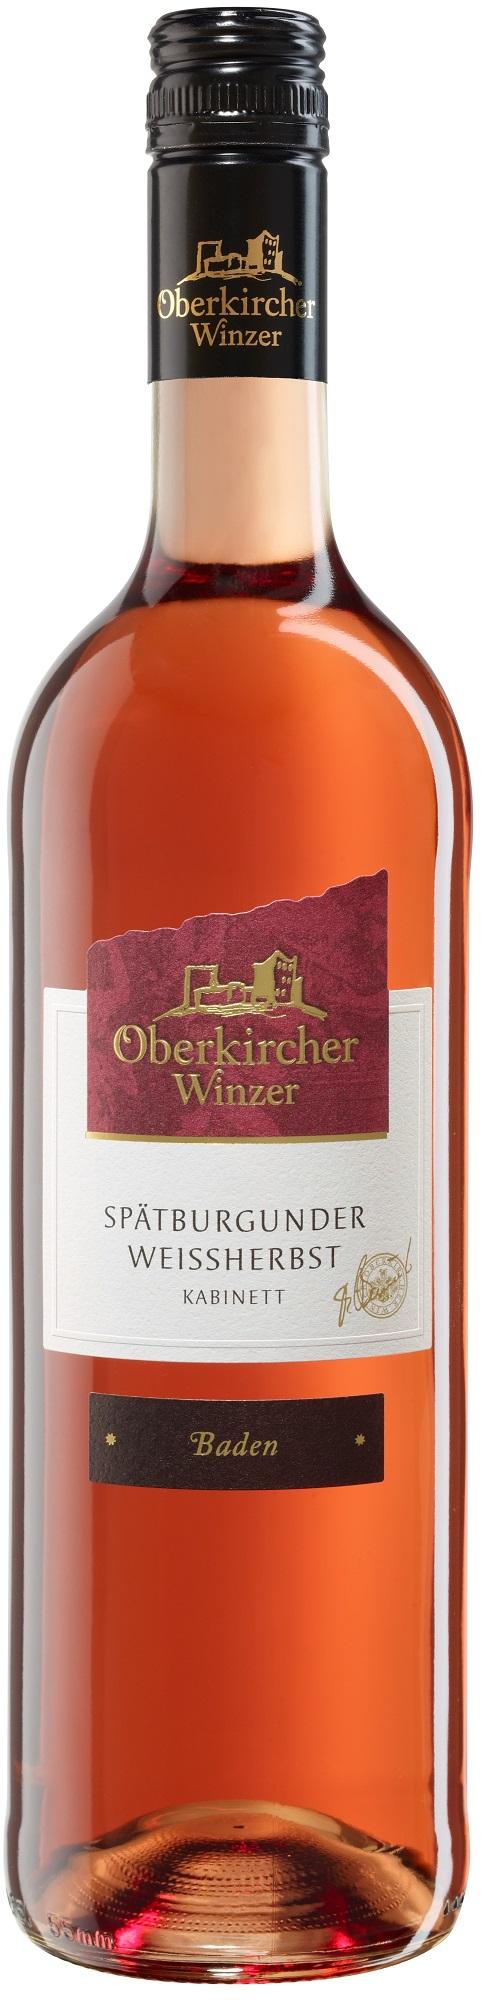 Collection Oberkirch , Spätburgunder Weißherbst Kabinett